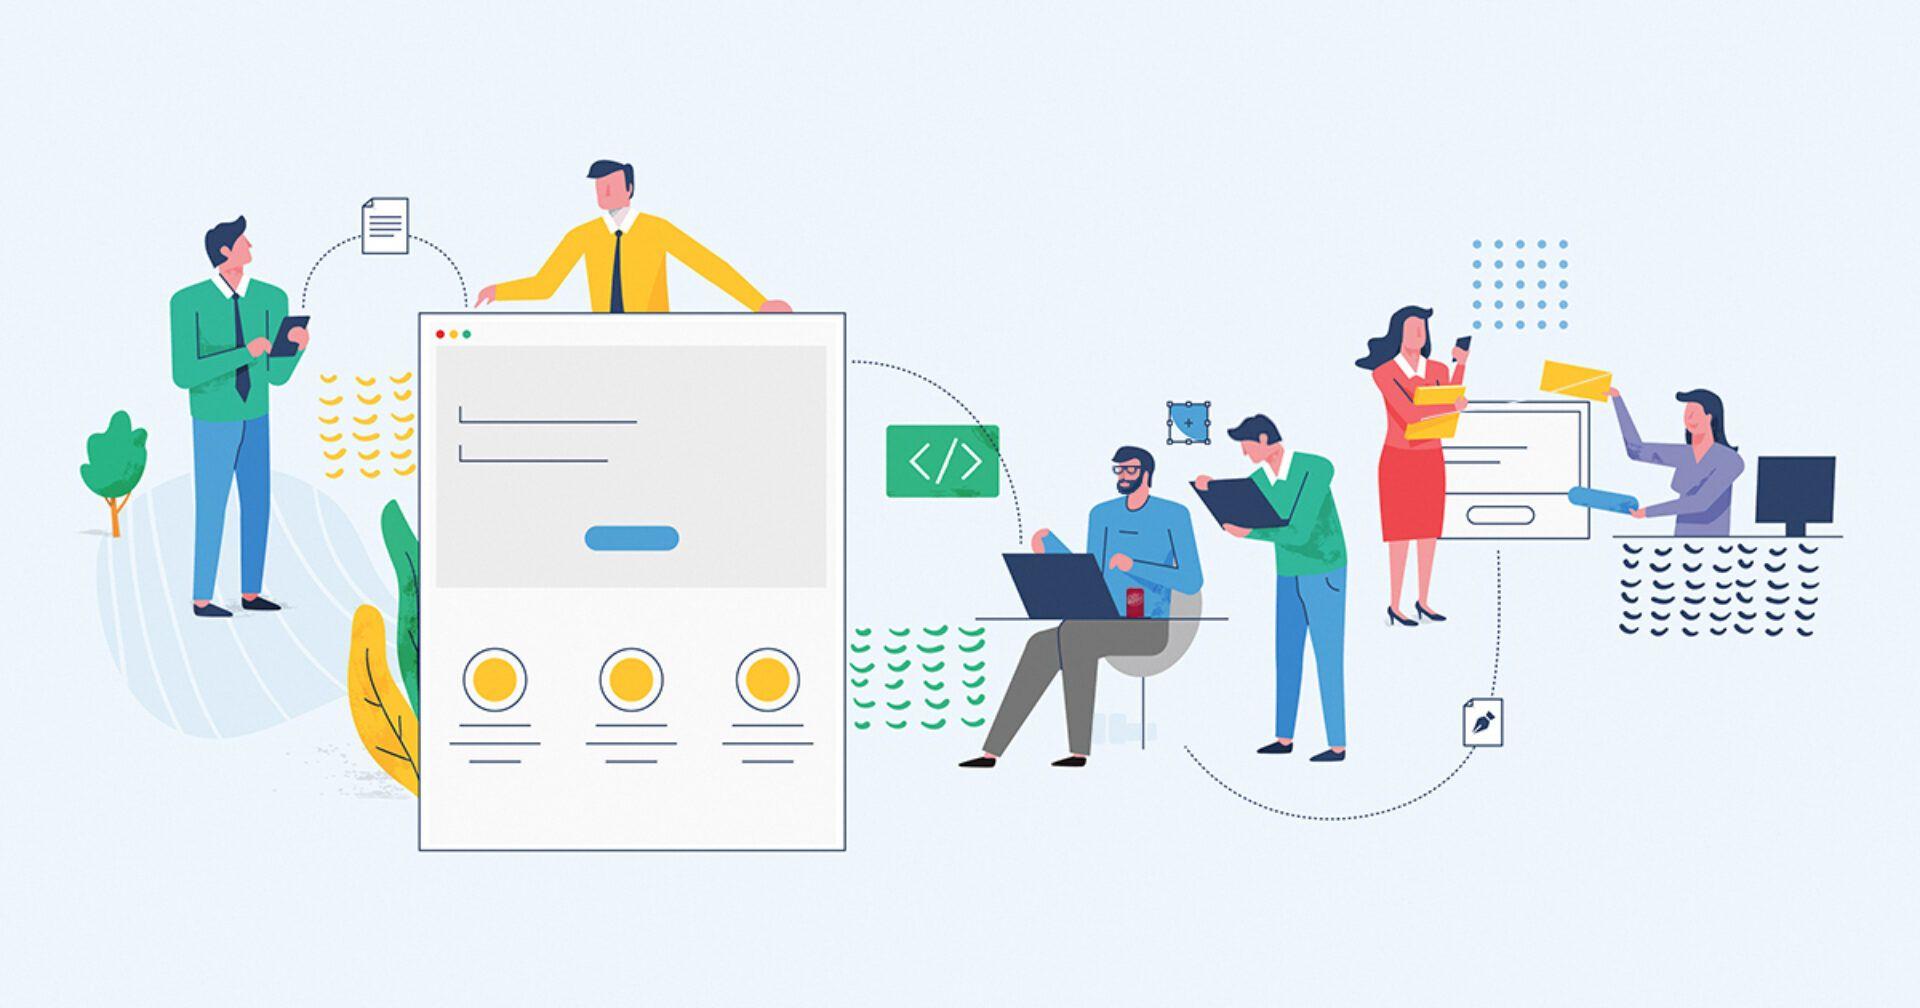 Tạo một ứng dụng tốt nhờ vào nhóm thiết kế - Tư duy, Công cụ và Phương cách làm việc nhóm